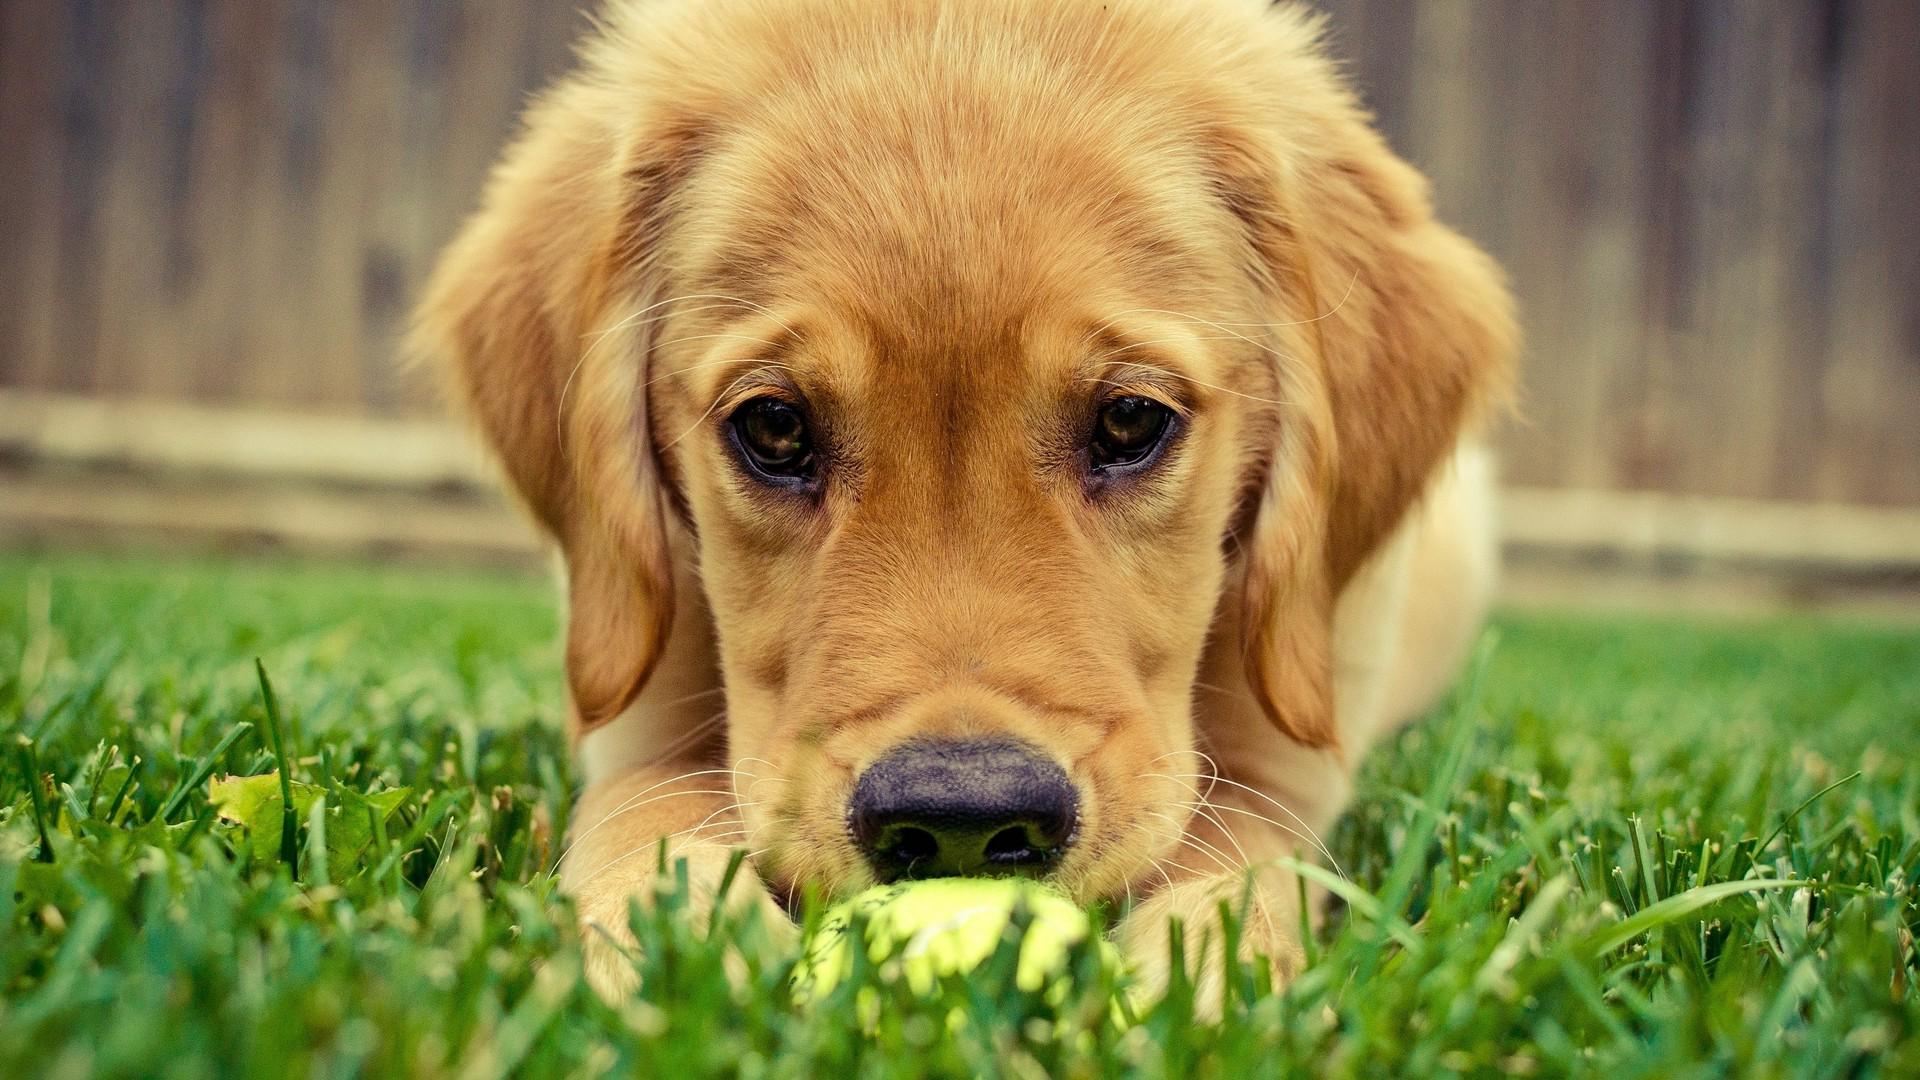 Wallpaper Animals Grass Nose Puppies Labrador Retriever Puppy 1920x1080 Px Vertebrate Snout Dog Like Mammal Golden Retriever Dog Breed 1920x1080 728319 Hd Wallpapers Wallhere